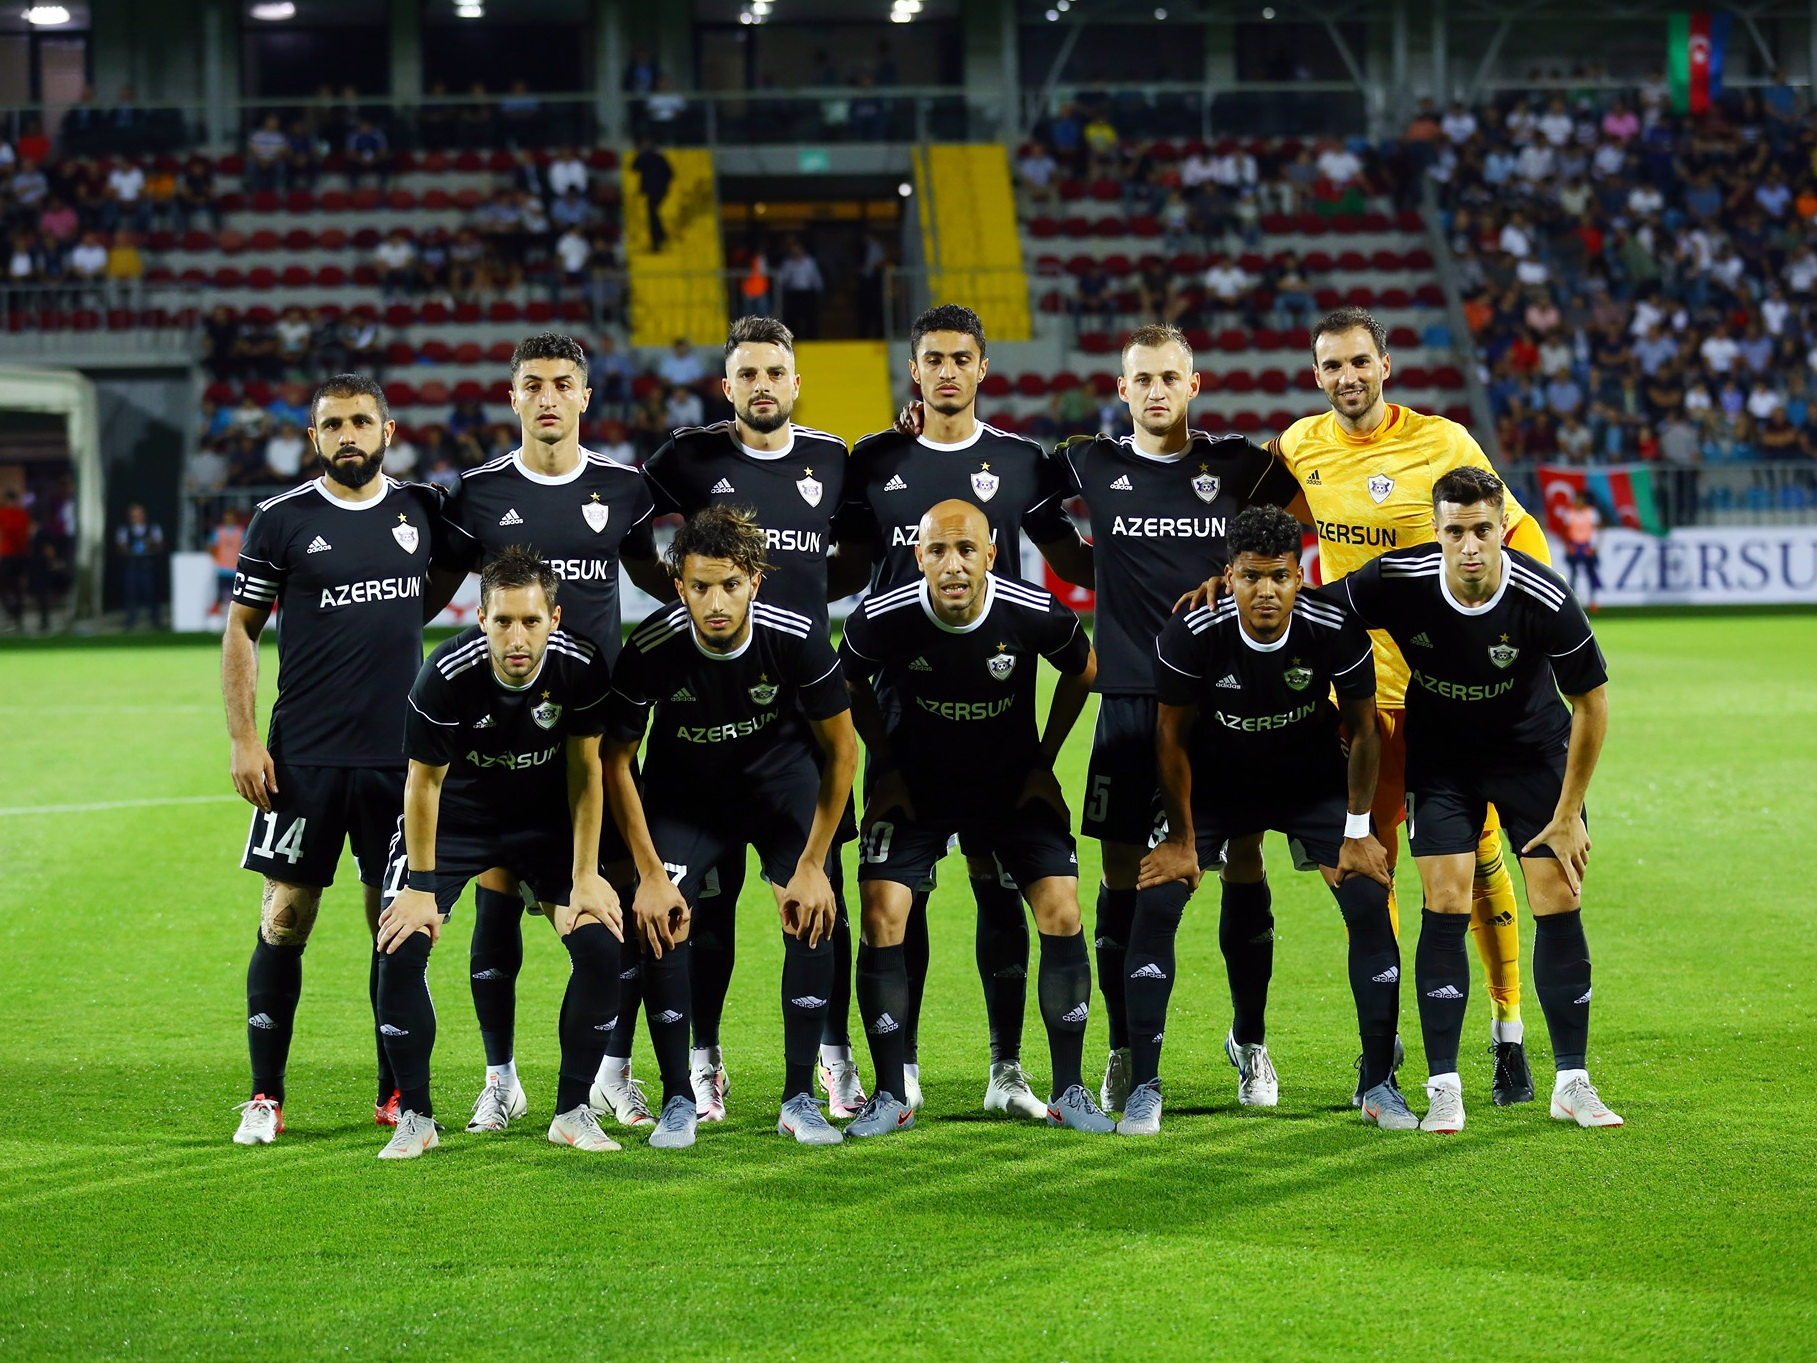 «Карабах» узнал потенциального соперника по второму раунду квалификации Лиги чемпионов